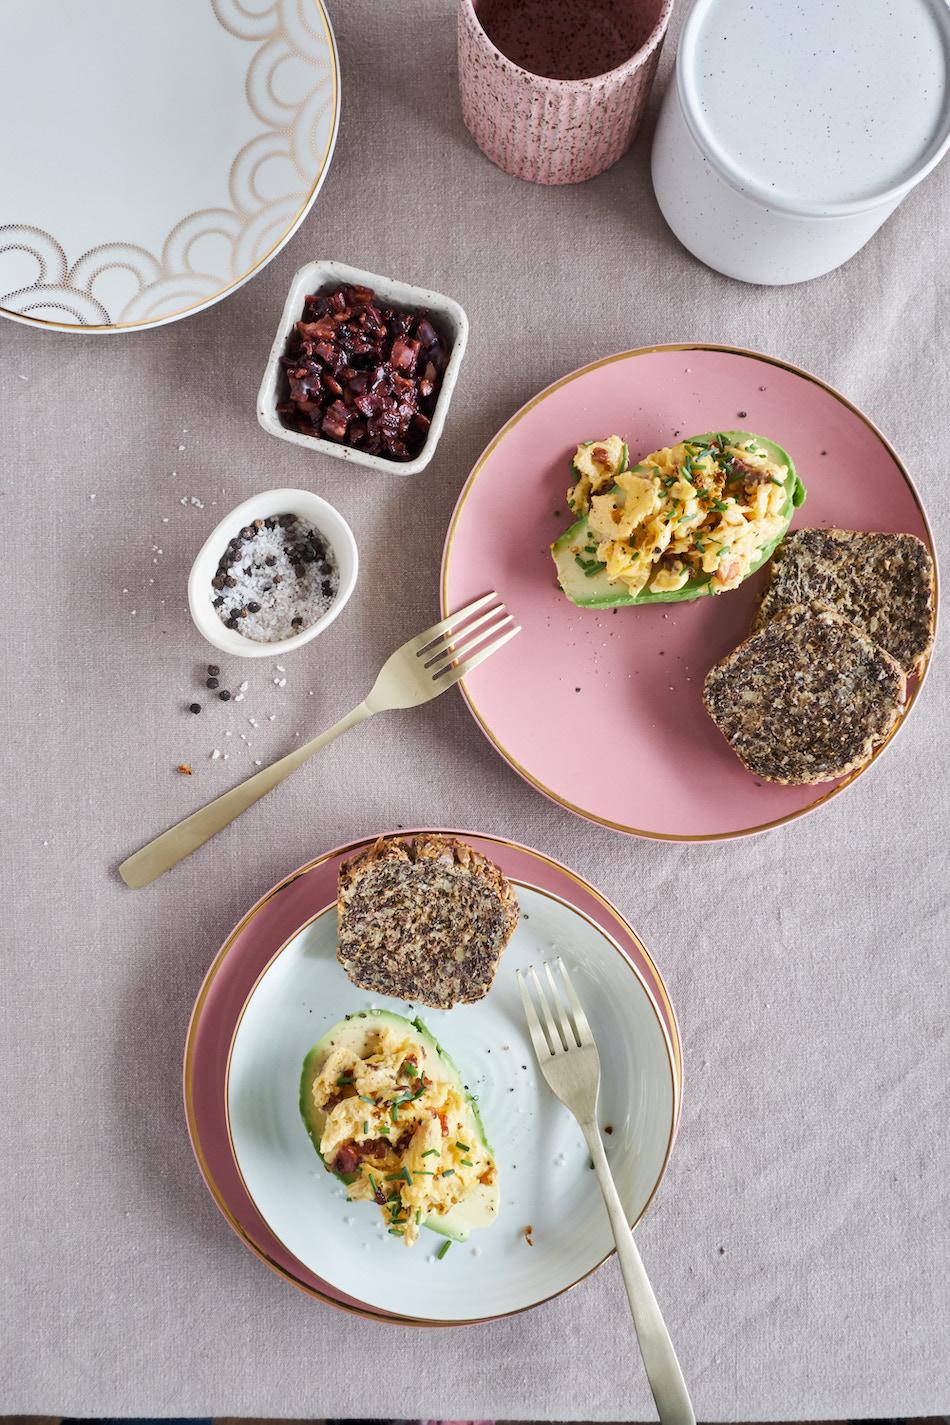 Desayuno por el día de la madre - paltas rellenas de huevo revuelto con tocino y pan de grano vegetariano